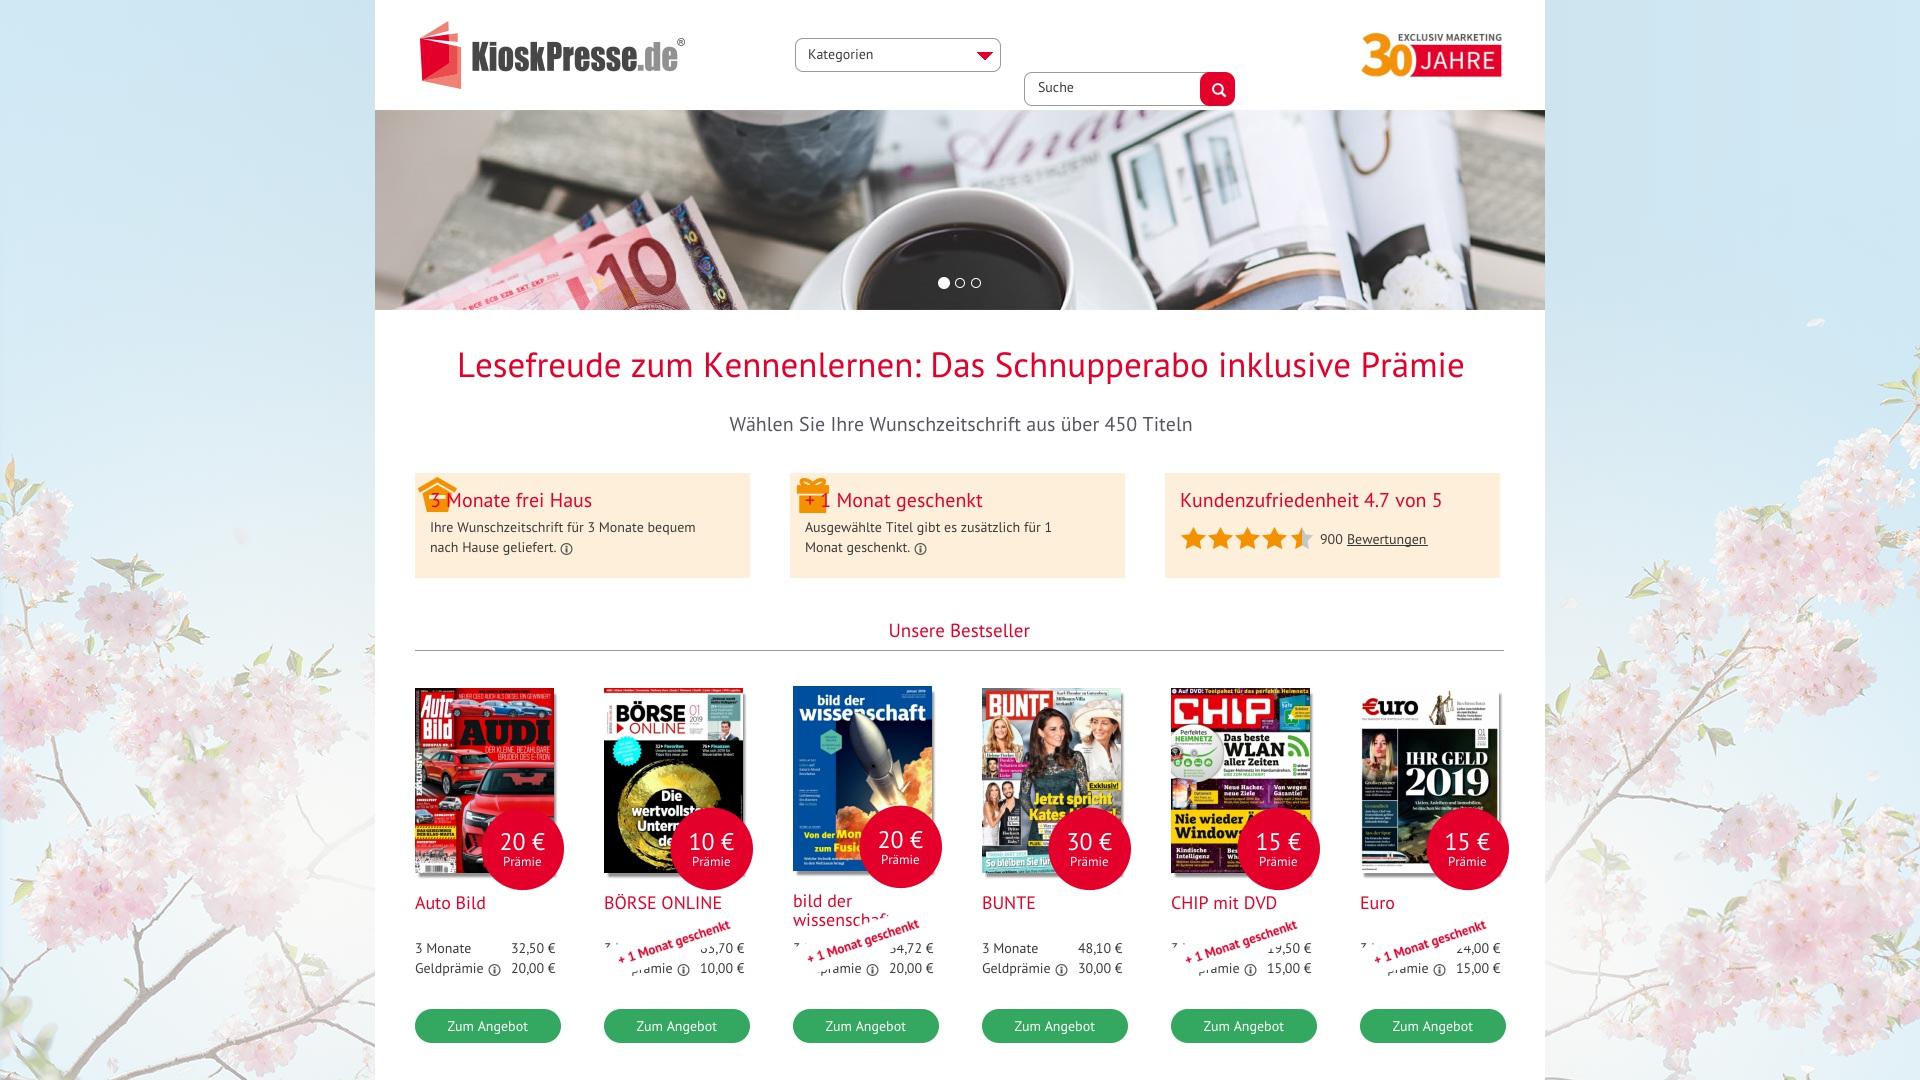 Gutschein für Kioskpresse: Rabatte für  Kioskpresse sichern